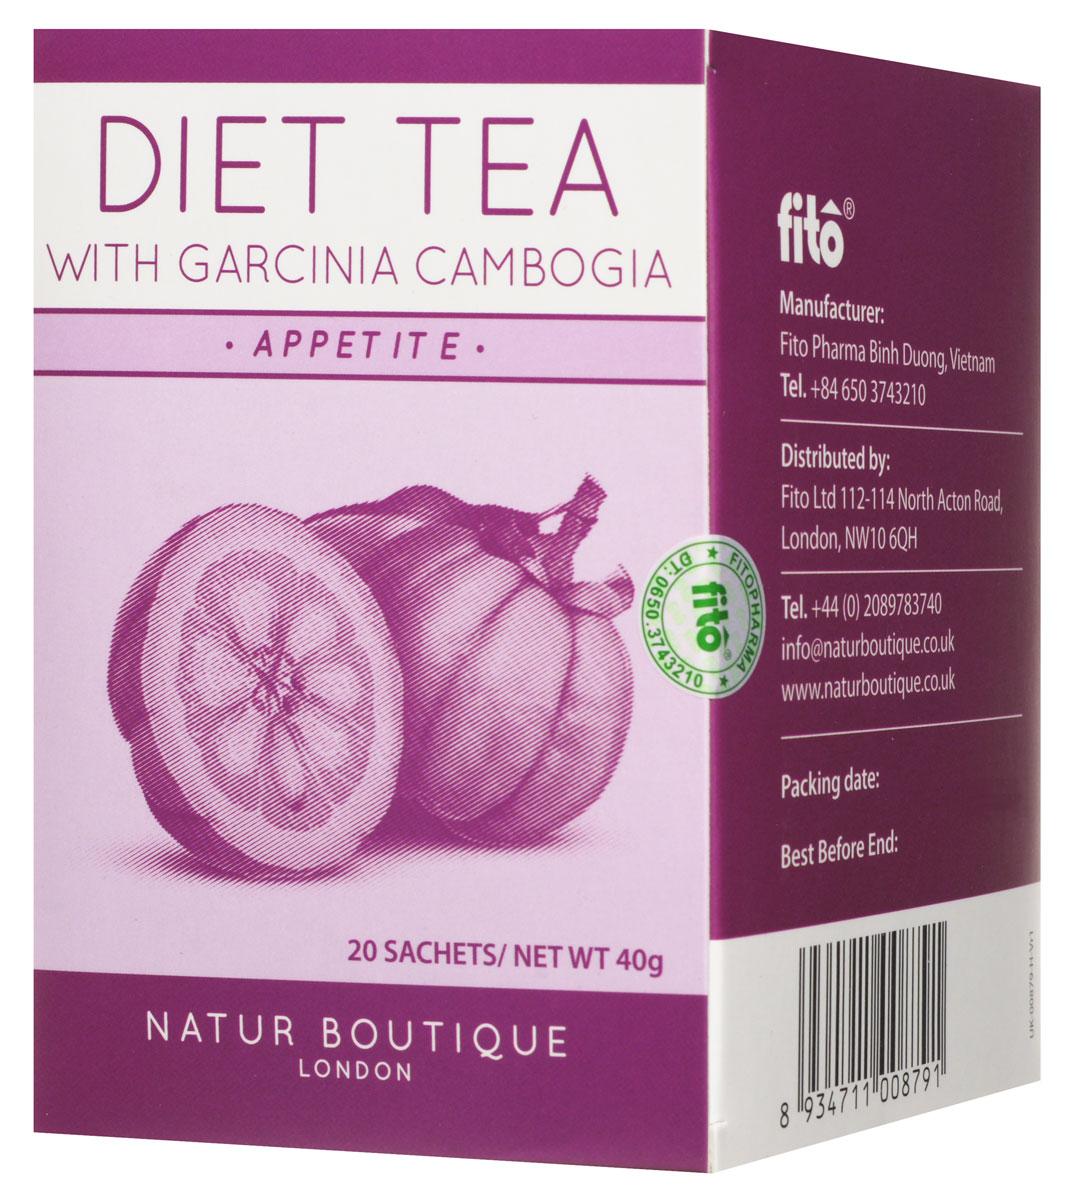 чай с гарцинией камбоджийской для похудения отзывы